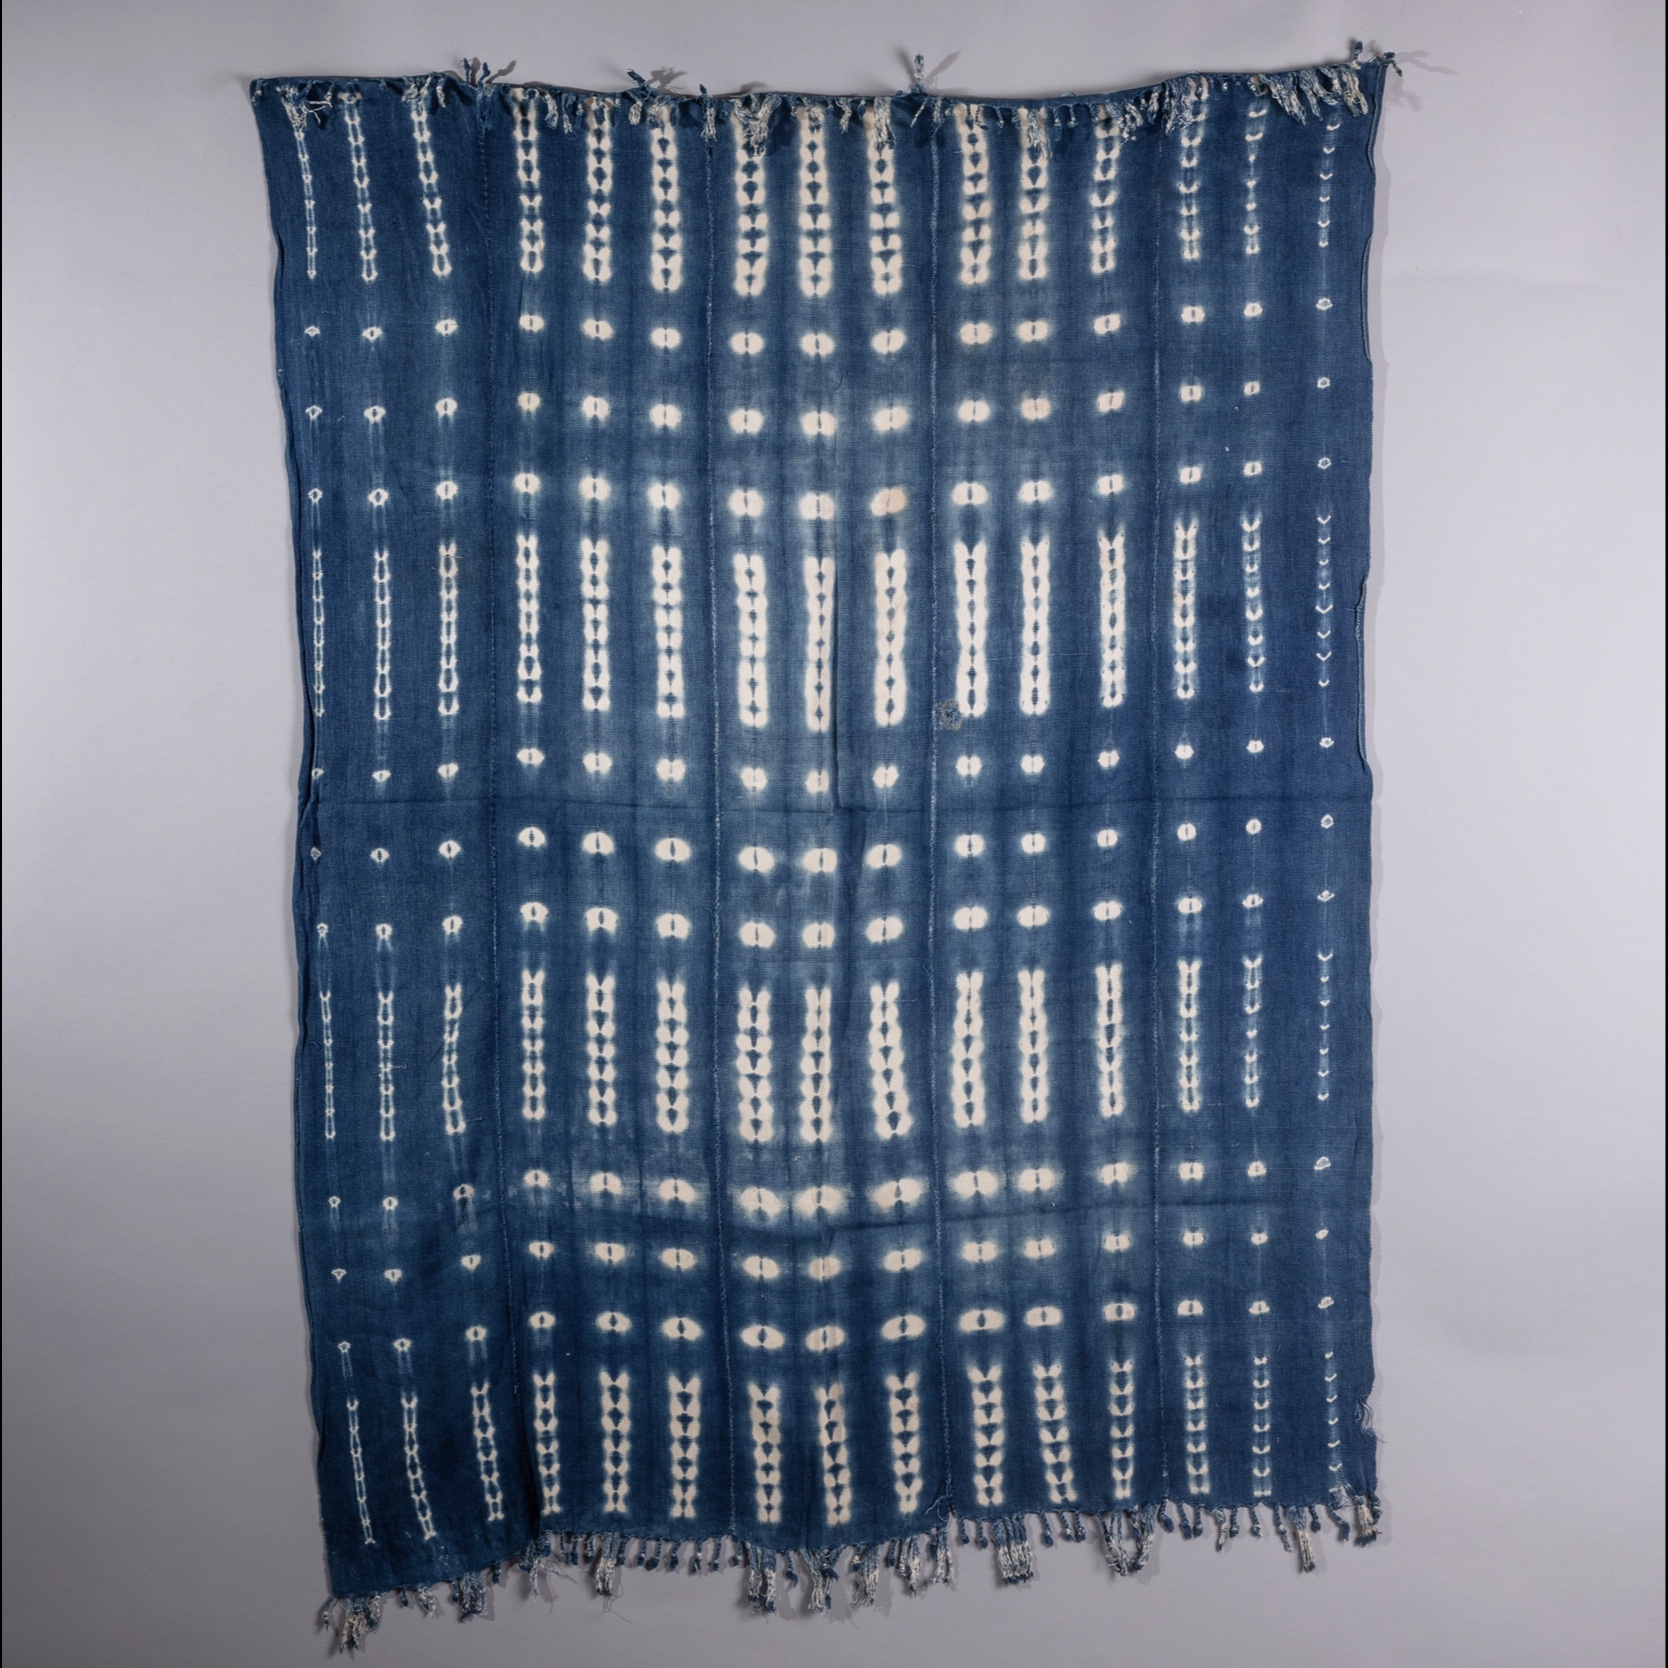 A HARMONIOUS INDIGO CLOTH FROM MOSSI TRIBE BURKINA FASO ( No 1391 )